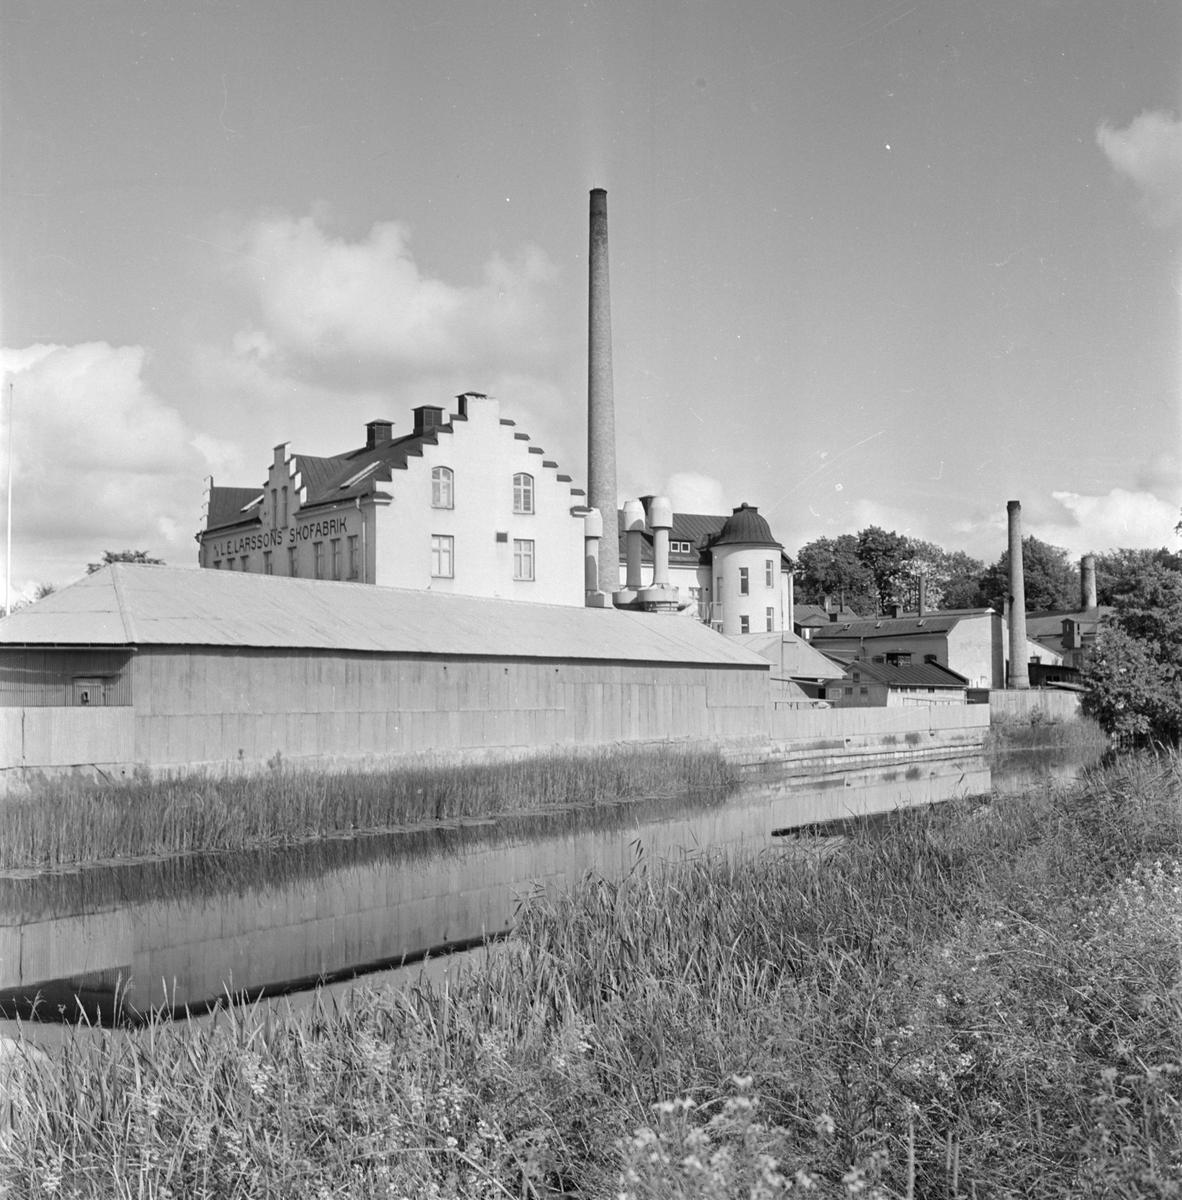 Hästens skofabrik, AB L E Larsson & Co, vid Fyrisån, Svartbäcken, Uppsala